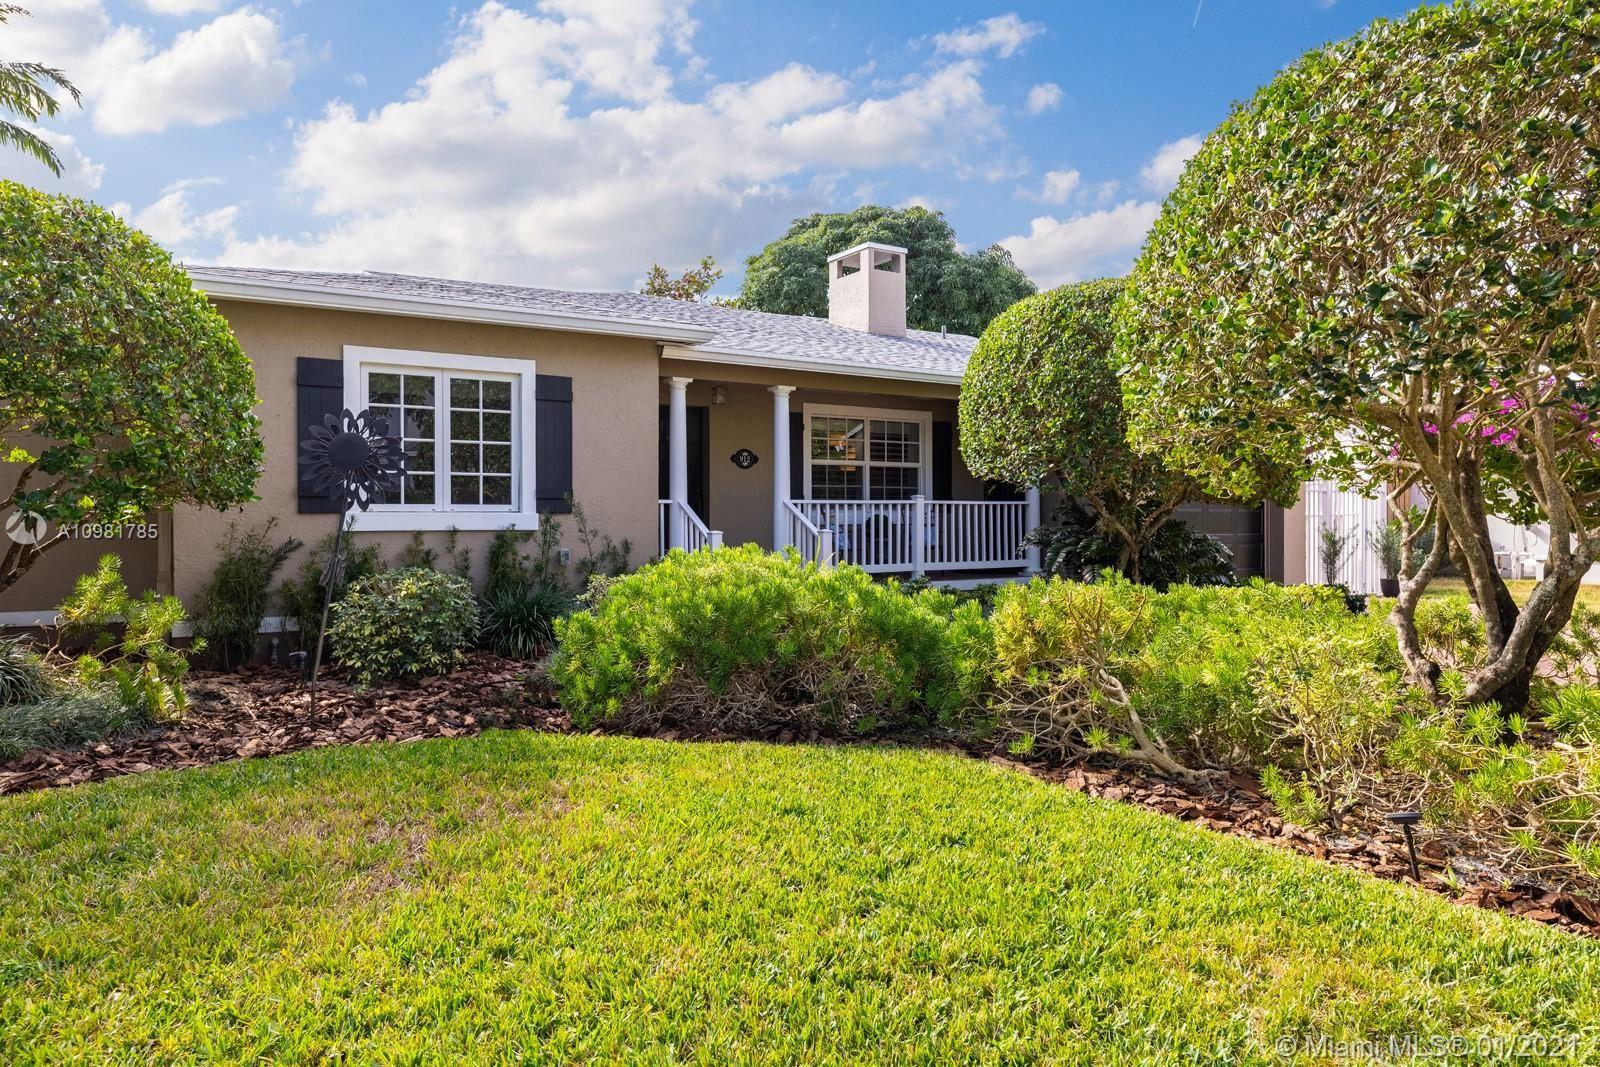 912 SE 6th St, Fort Lauderdale, FL 33301 - #: A10981785